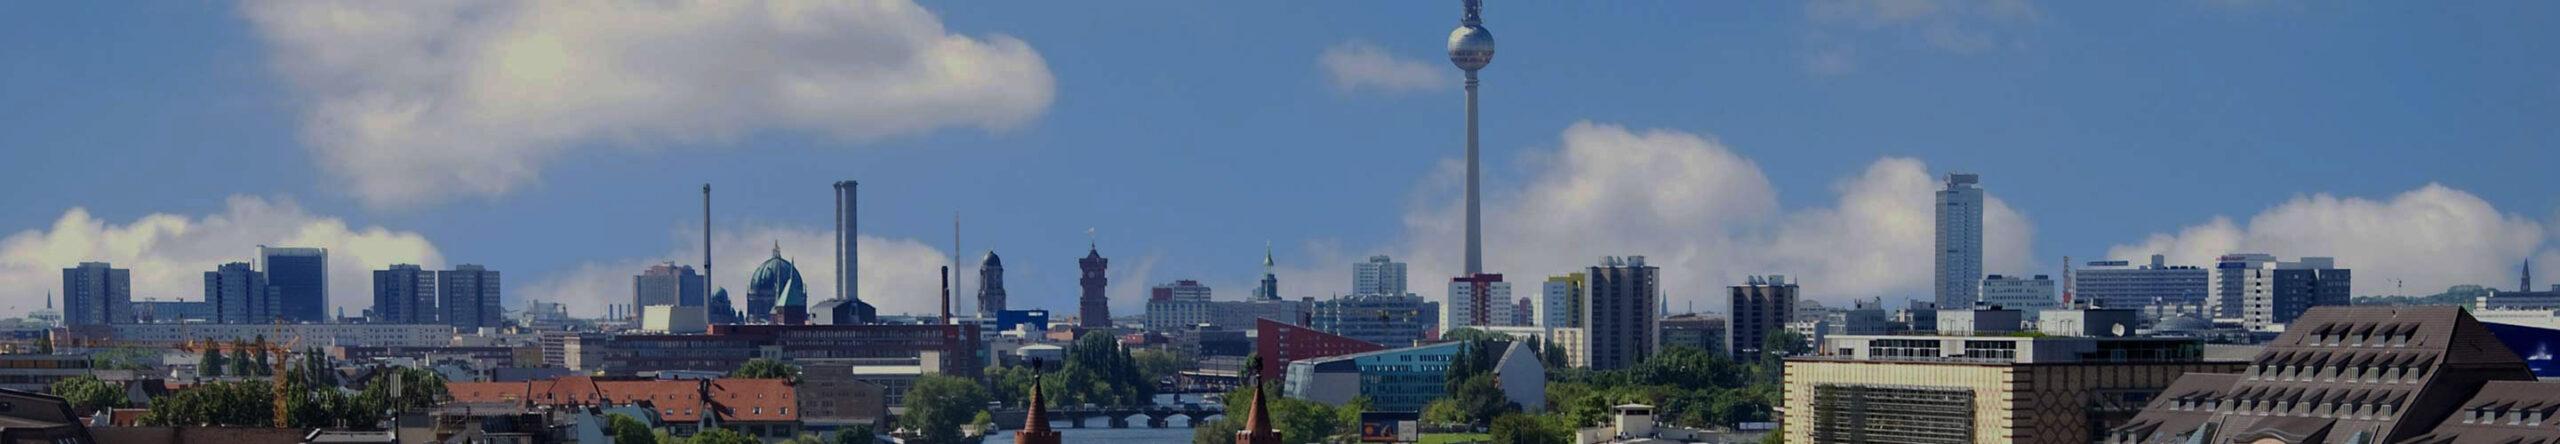 Bastelvorlage Berlin - Architektur Berlin - Skyline Berlin, Deutschland - Bauwerk basteln - Hochhäuser Berlin